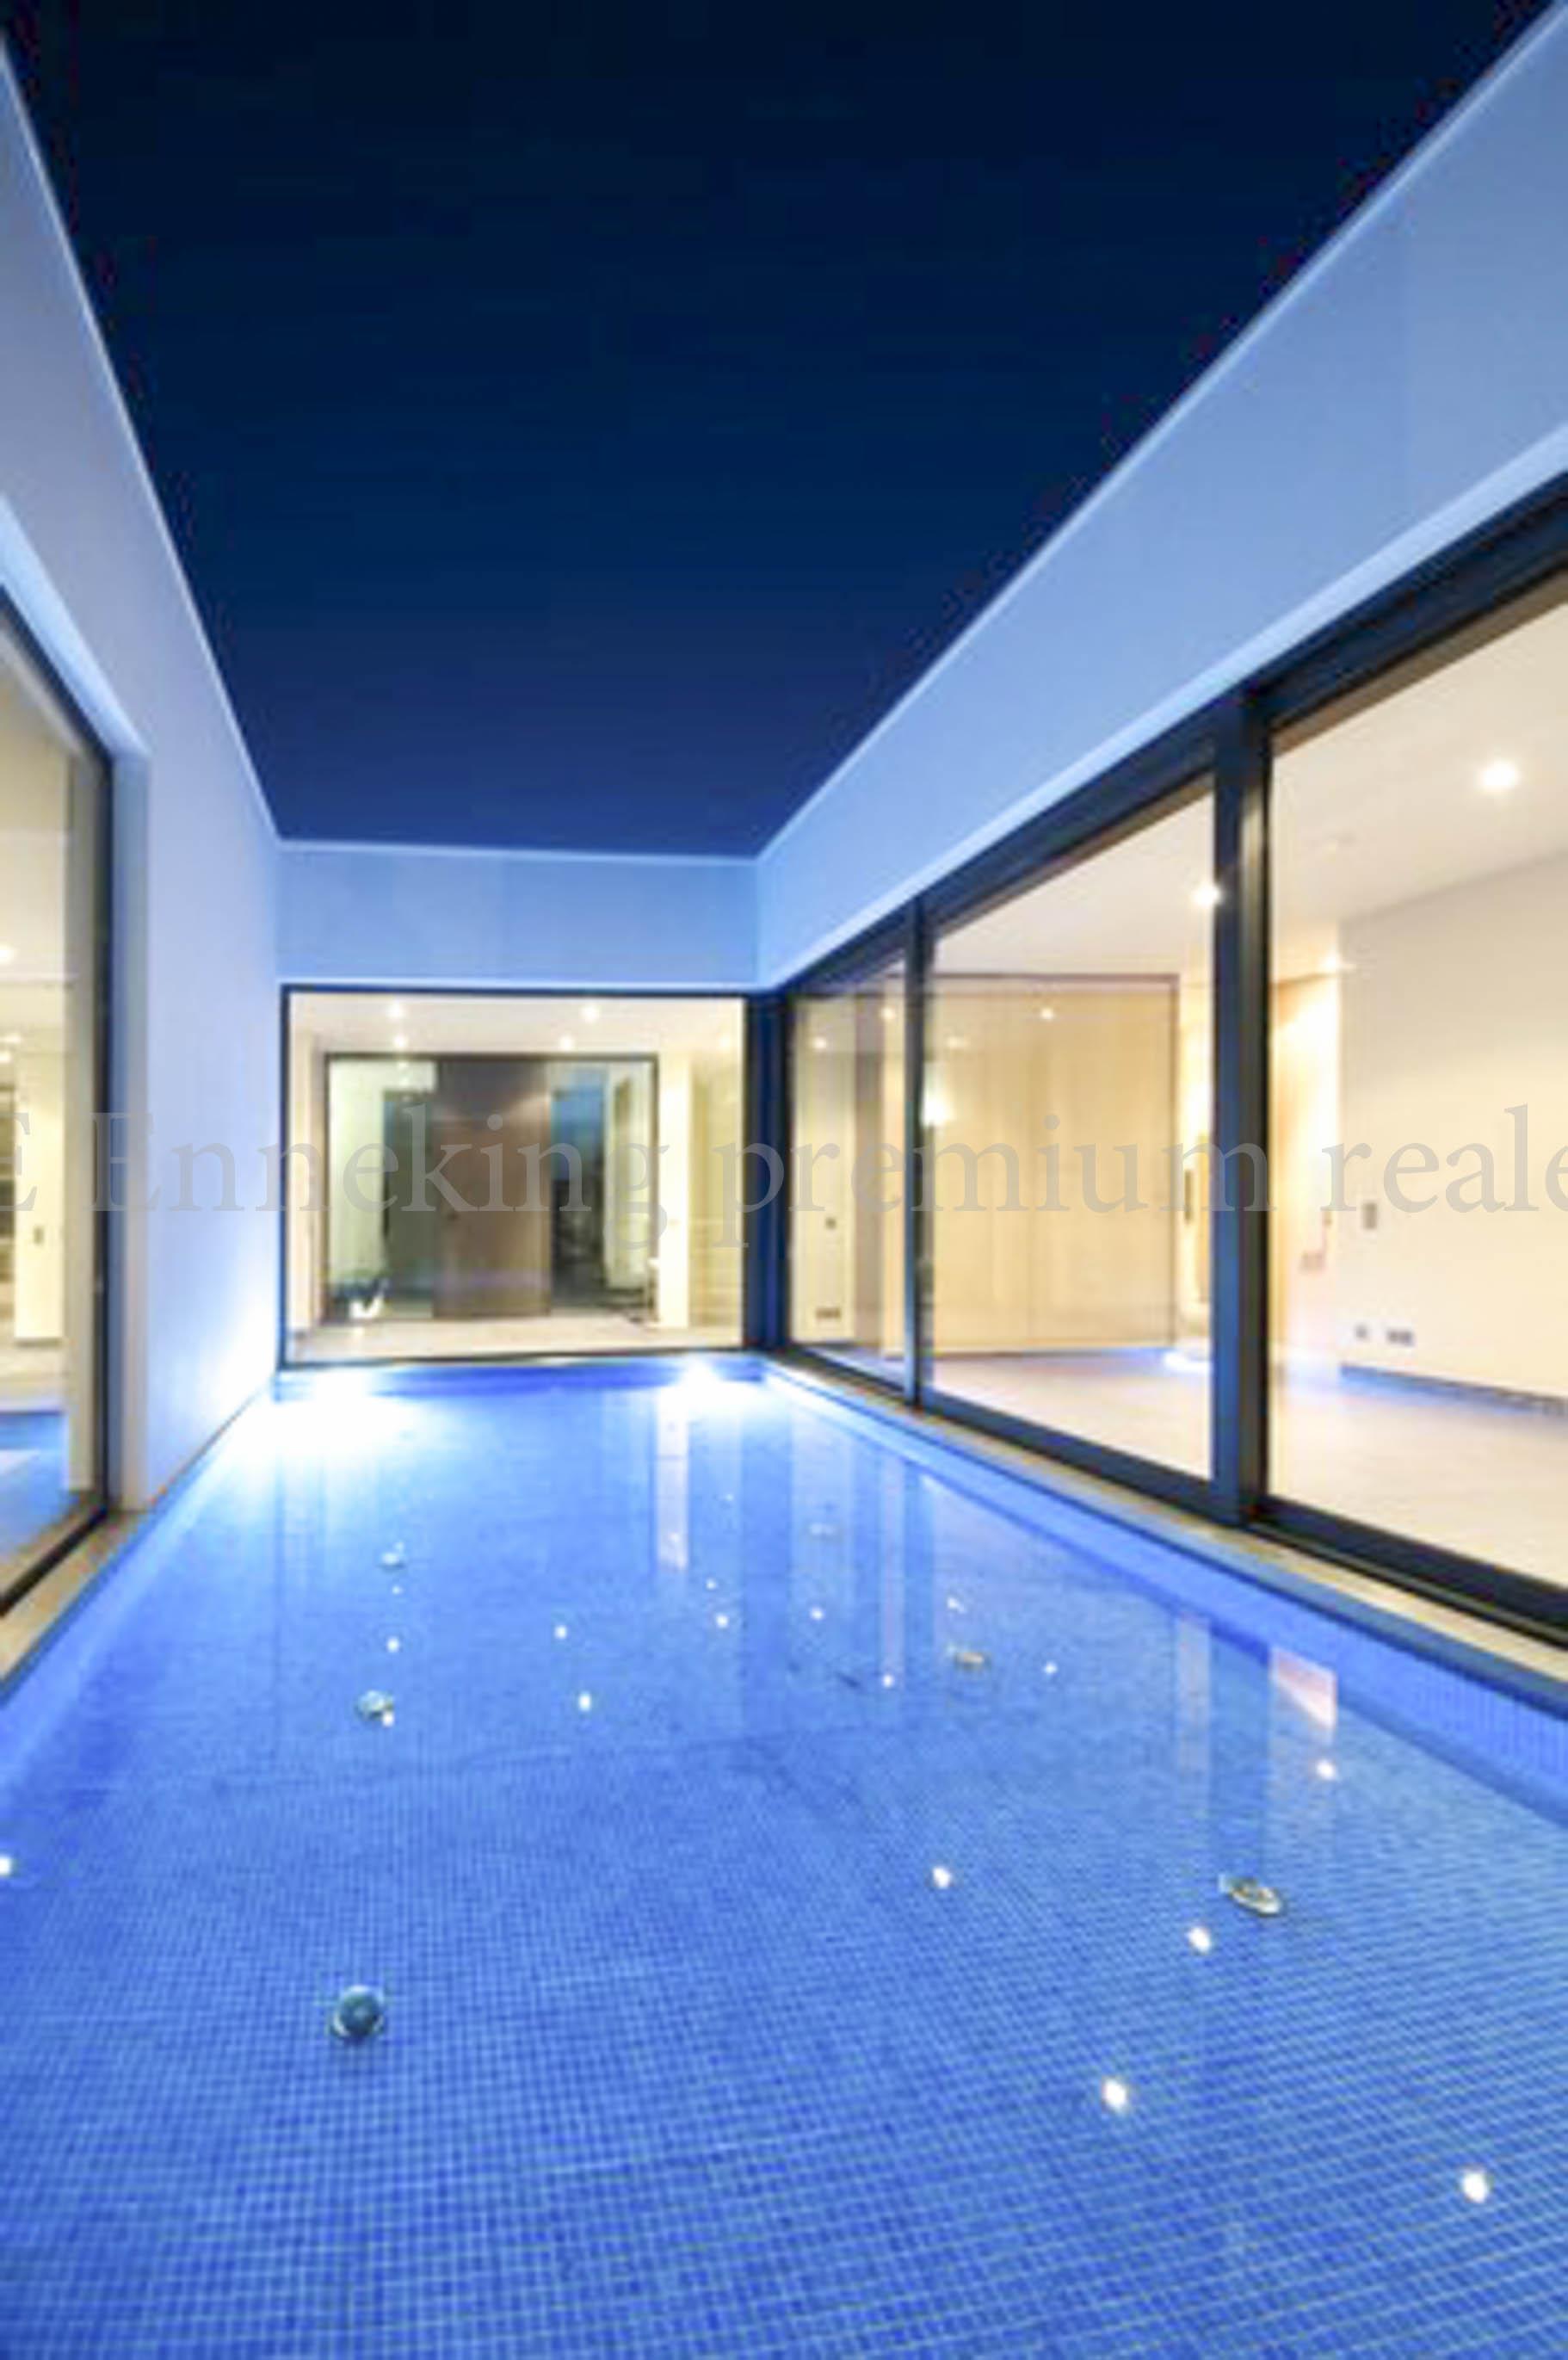 Hervorragend ... Luxus Anwesen Lagos Bensafrim 6 Schlafzimmer ...